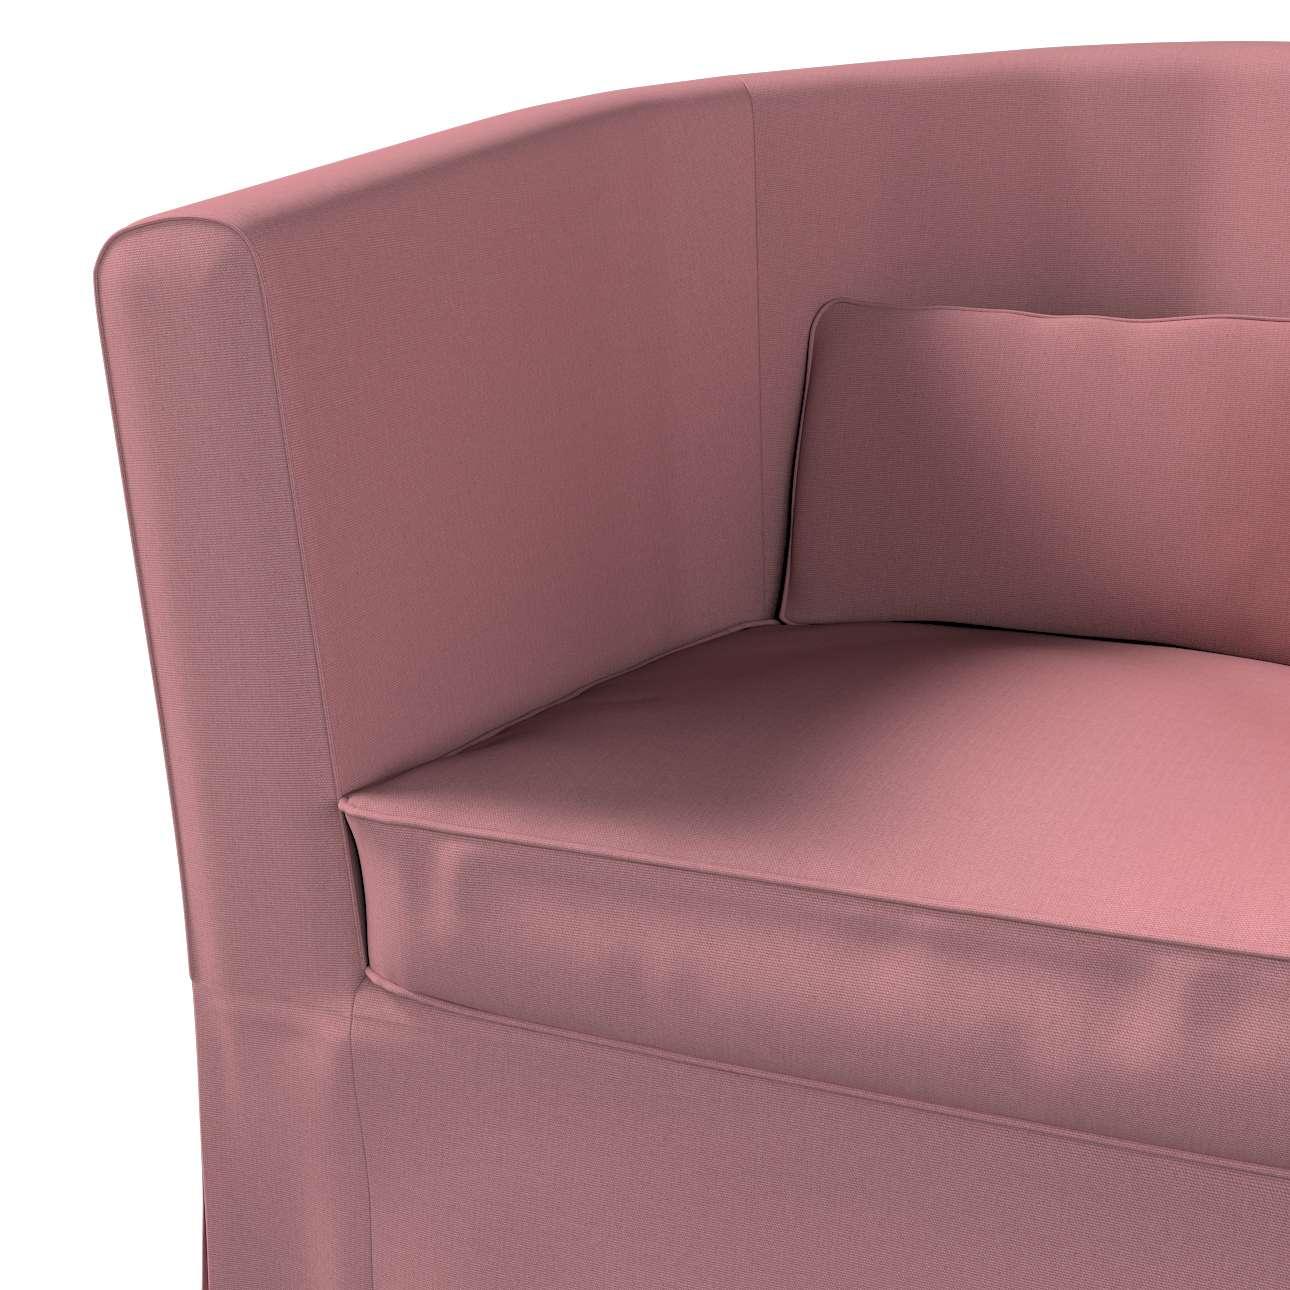 Pokrowiec na fotel Ektorp Tullsta w kolekcji Cotton Panama, tkanina: 702-43